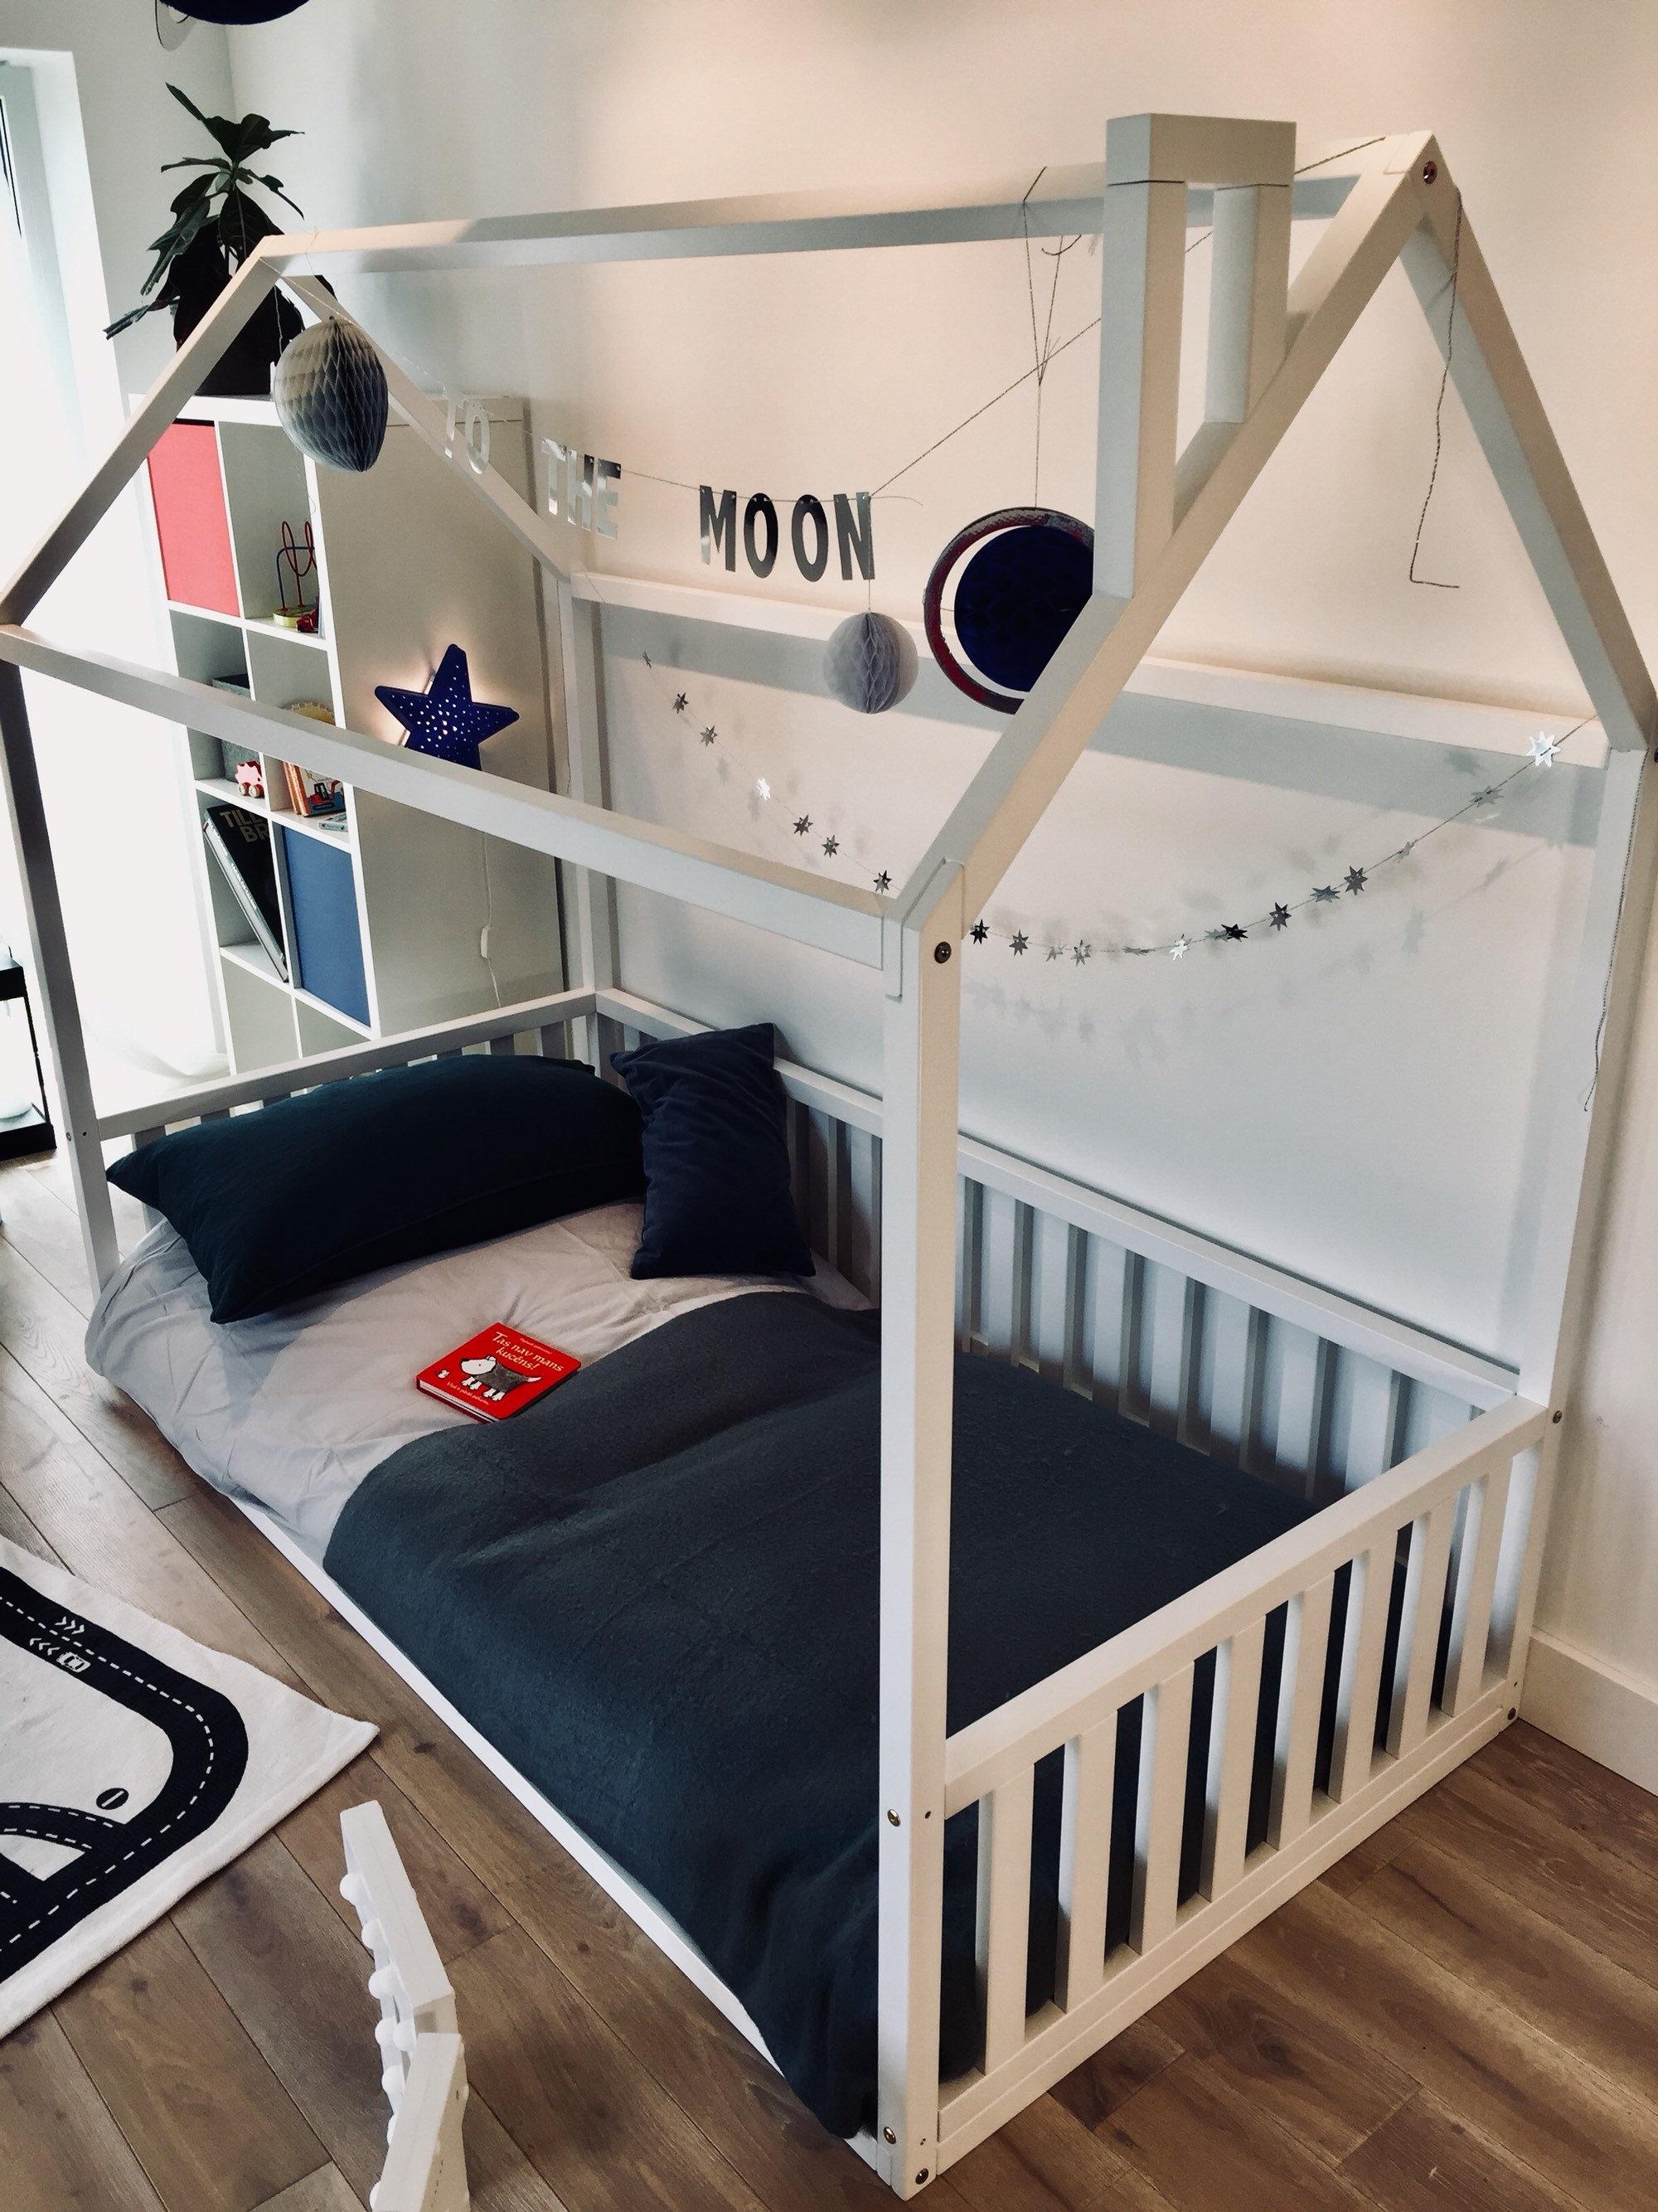 Kinder Bett Kleinkind Bett Bett Kinder Tipi Holz Haus Babybett   Etsy